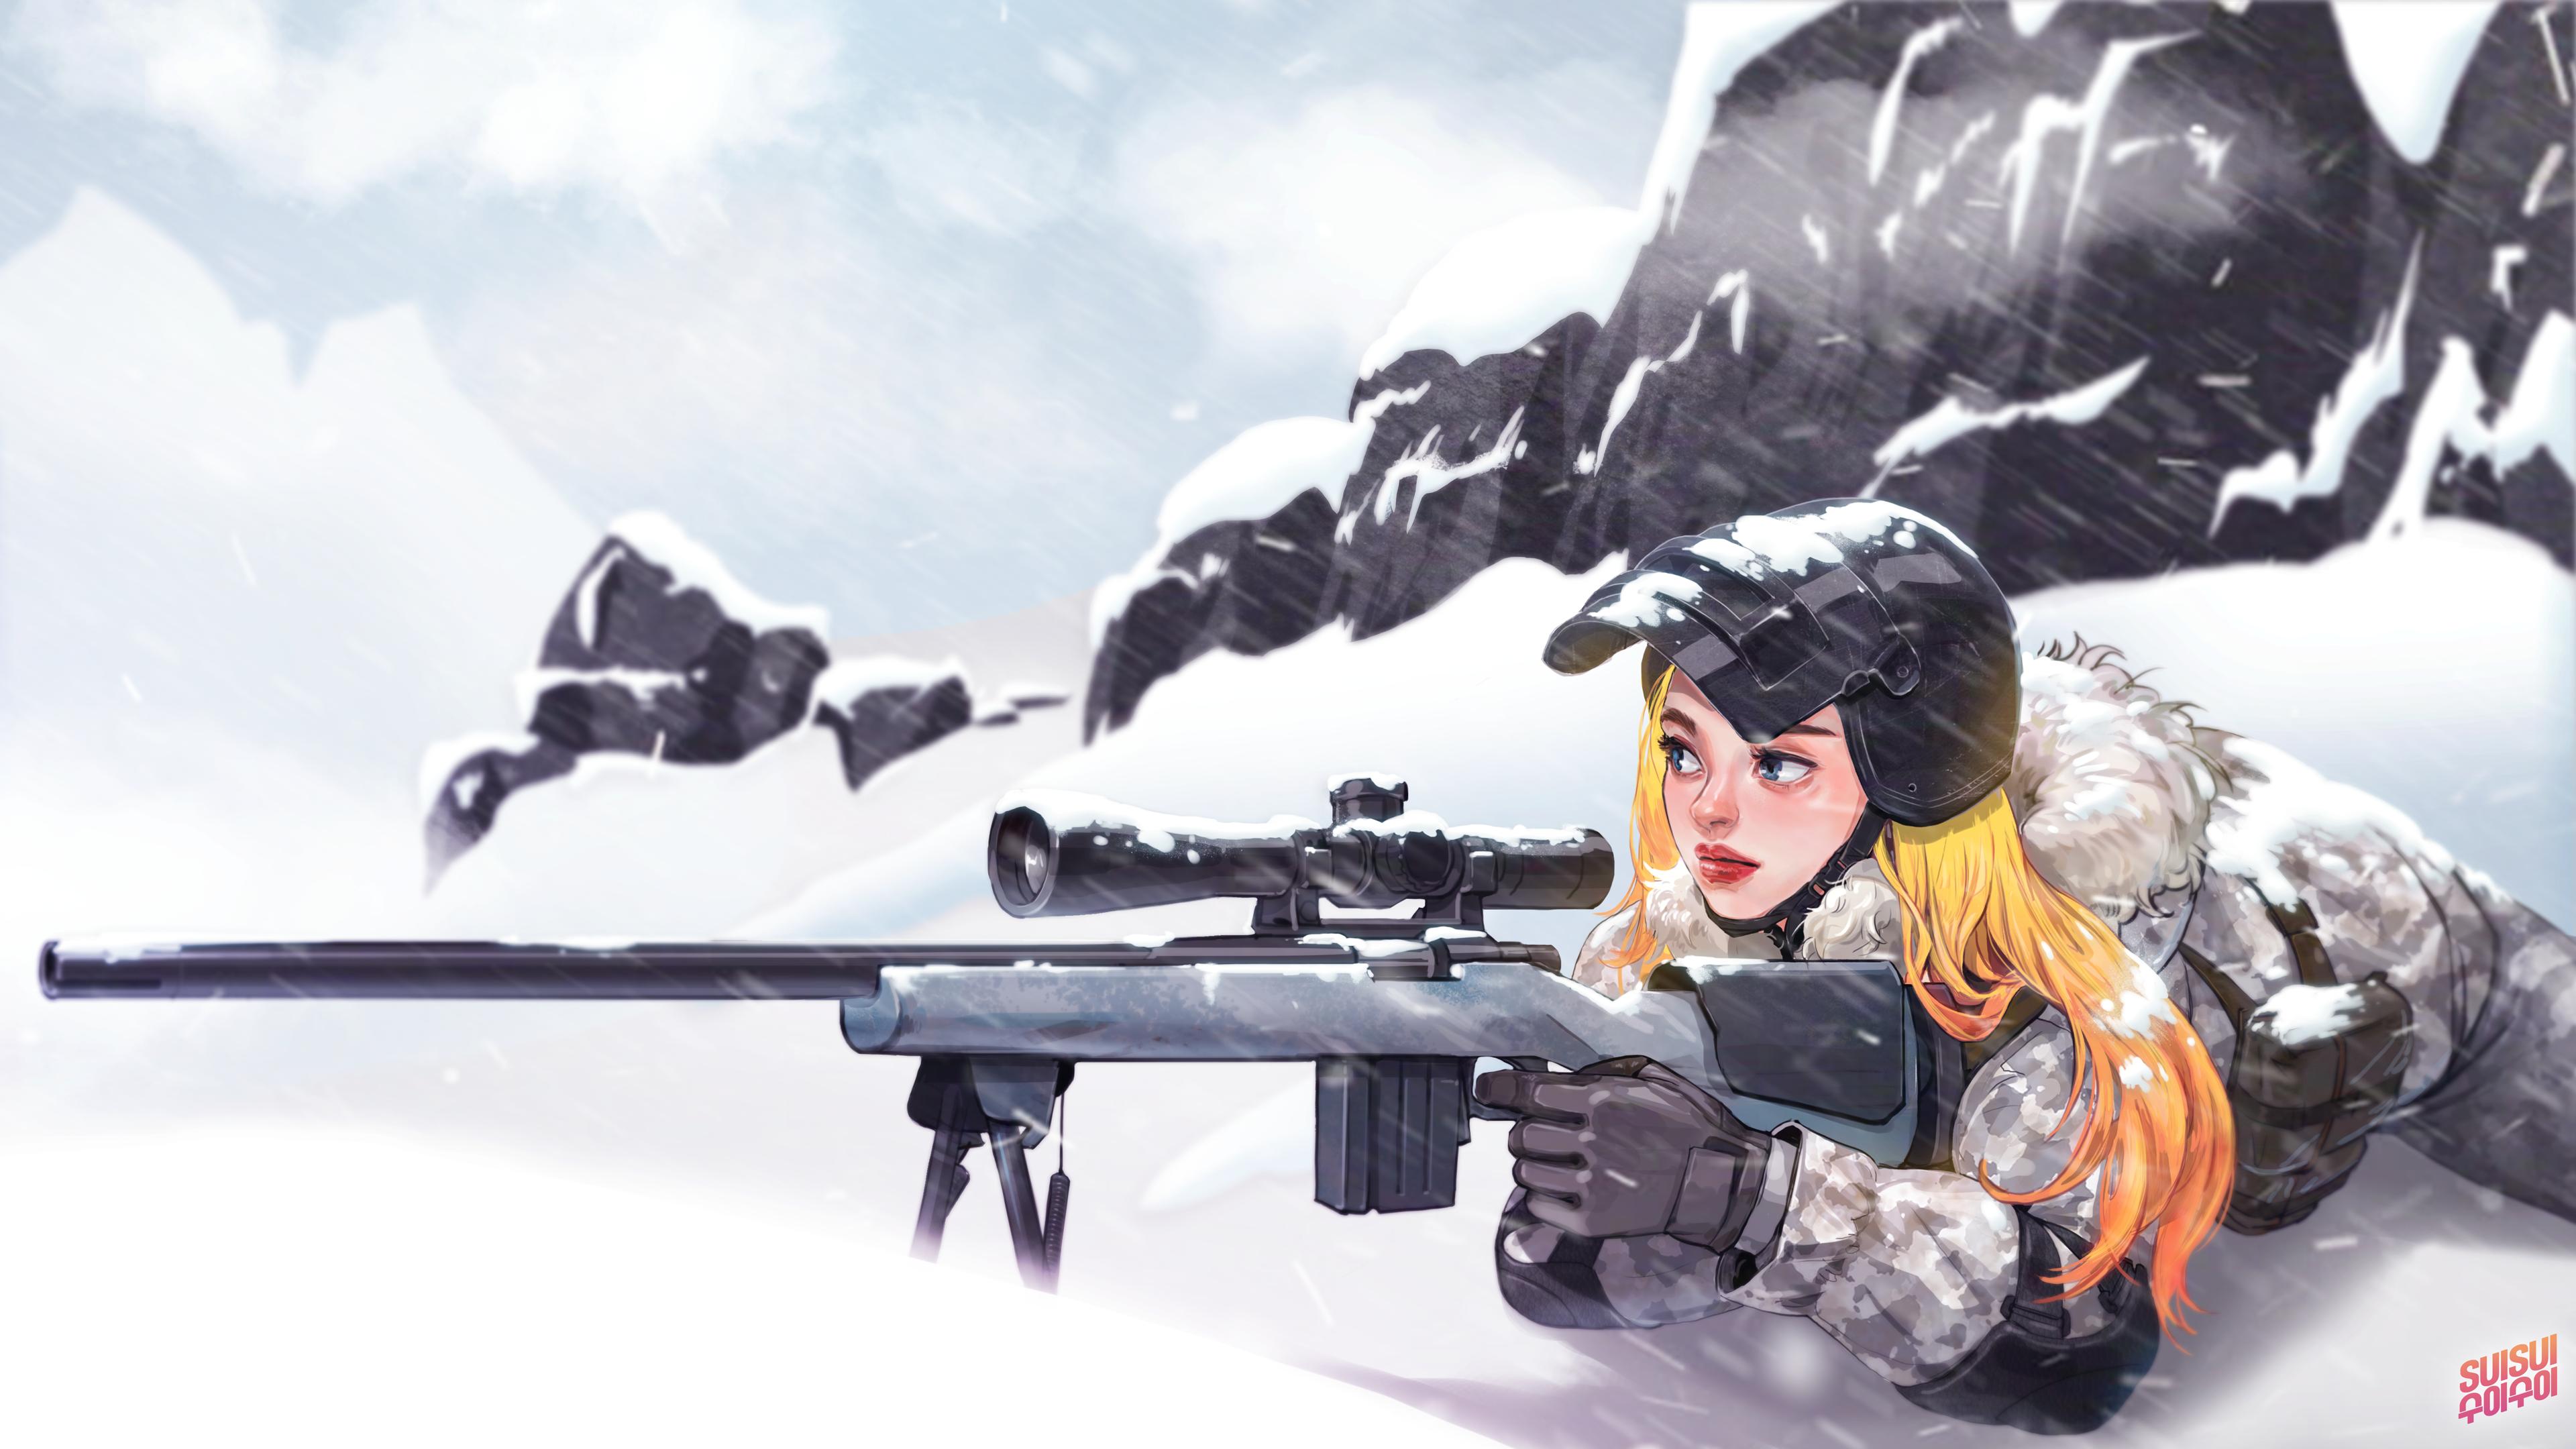 Pubg Snow 4k Wallpaper: PlayerUnknown's Battlegrounds 4k Ultra HD Wallpaper